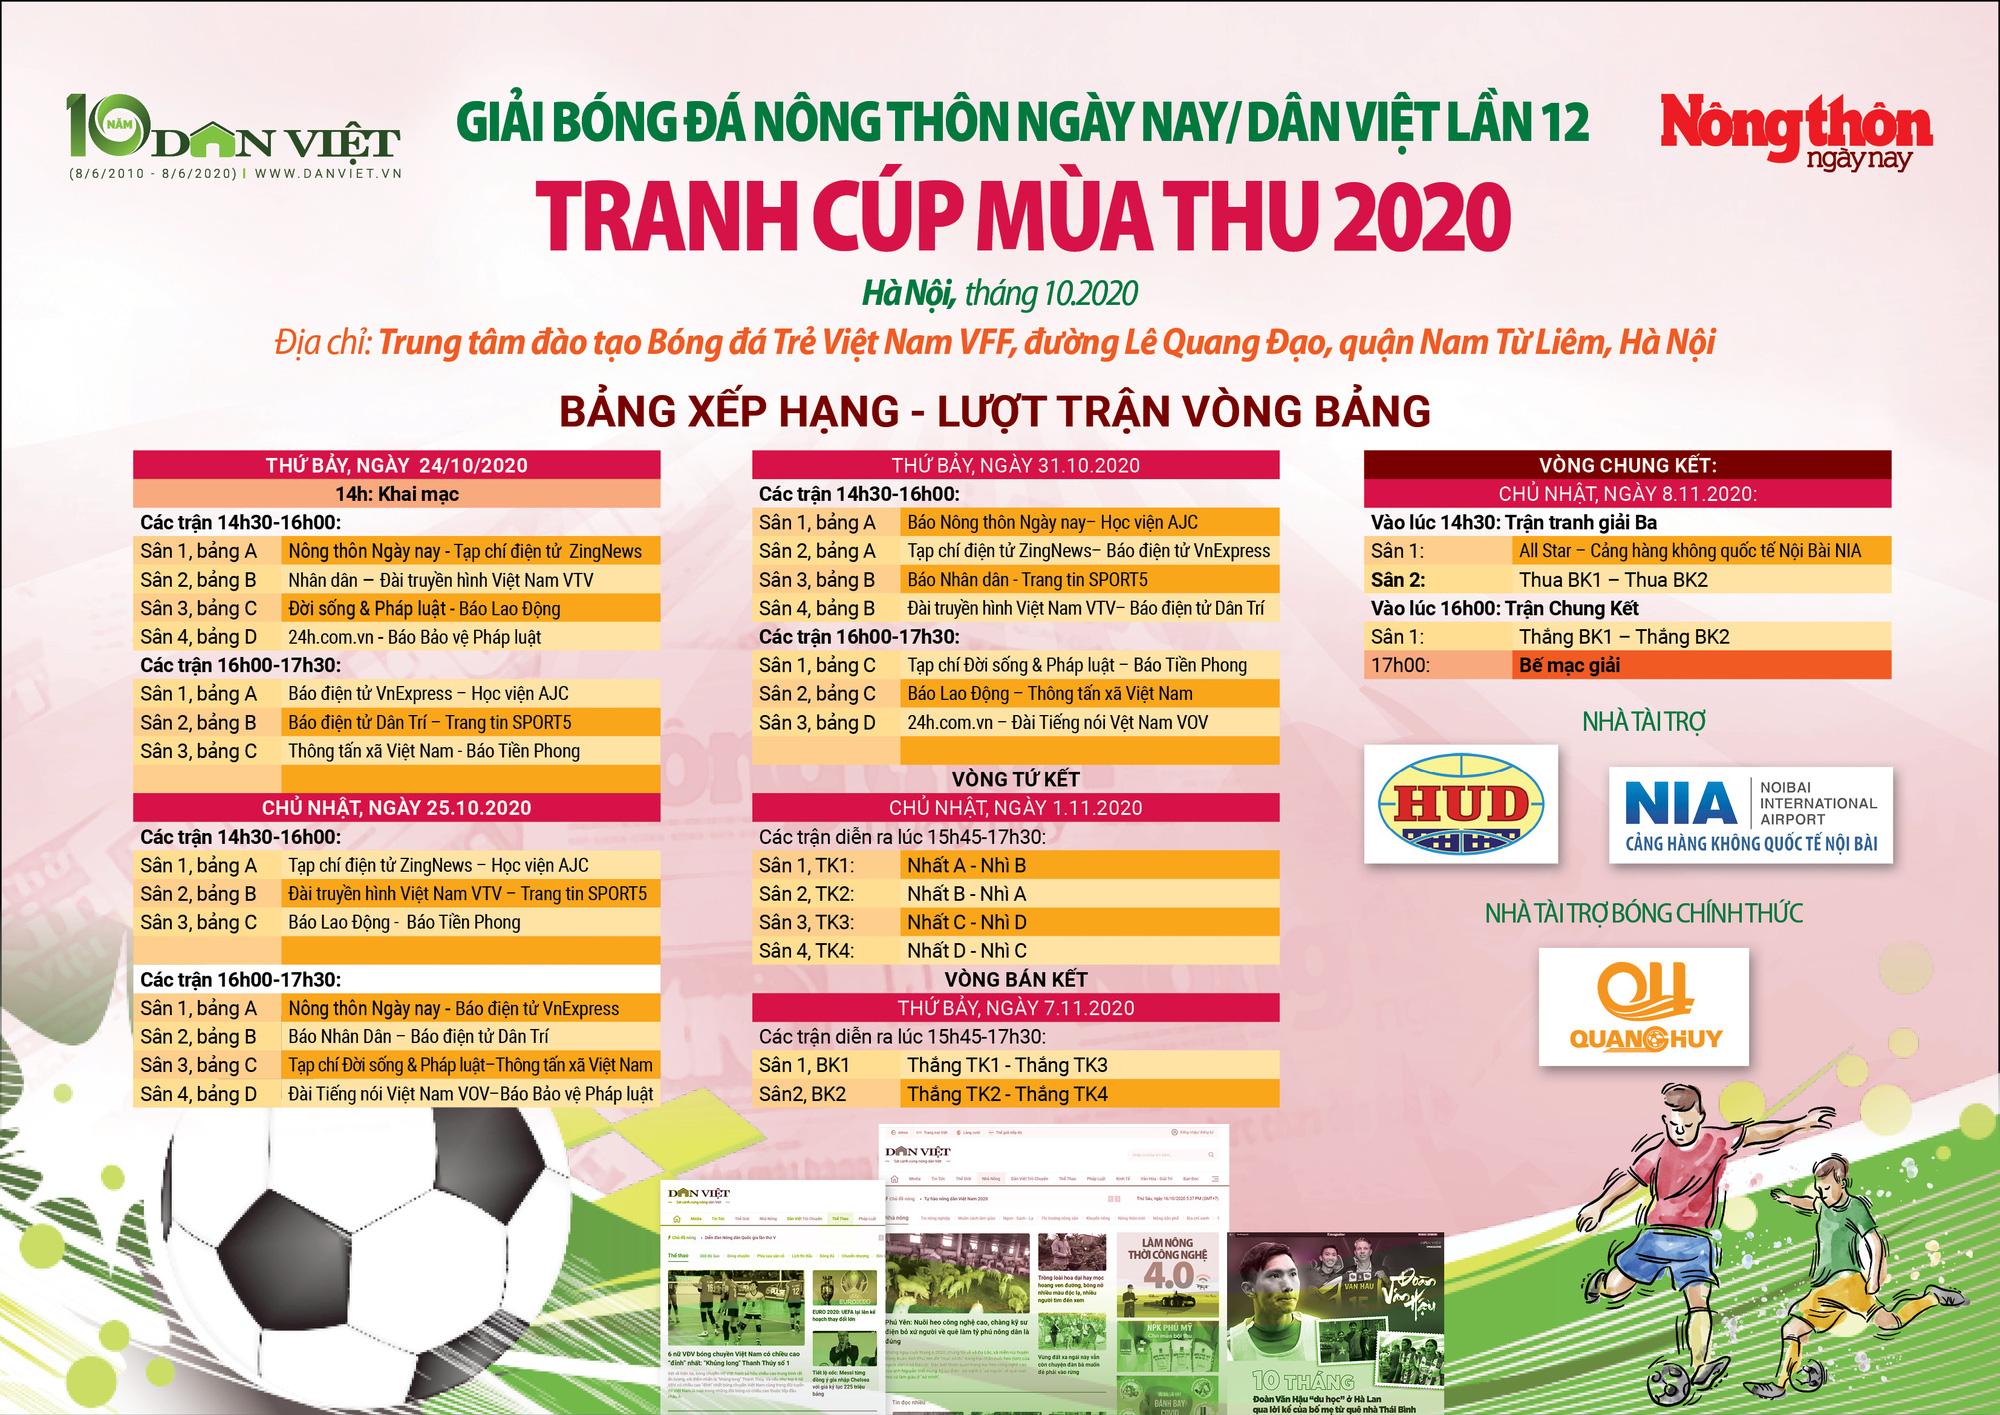 BLV Vũ Quang Huy nói gì khi tài trợ Giải bóng đá Báo NTNN/Dân Việt 2020? - Ảnh 4.